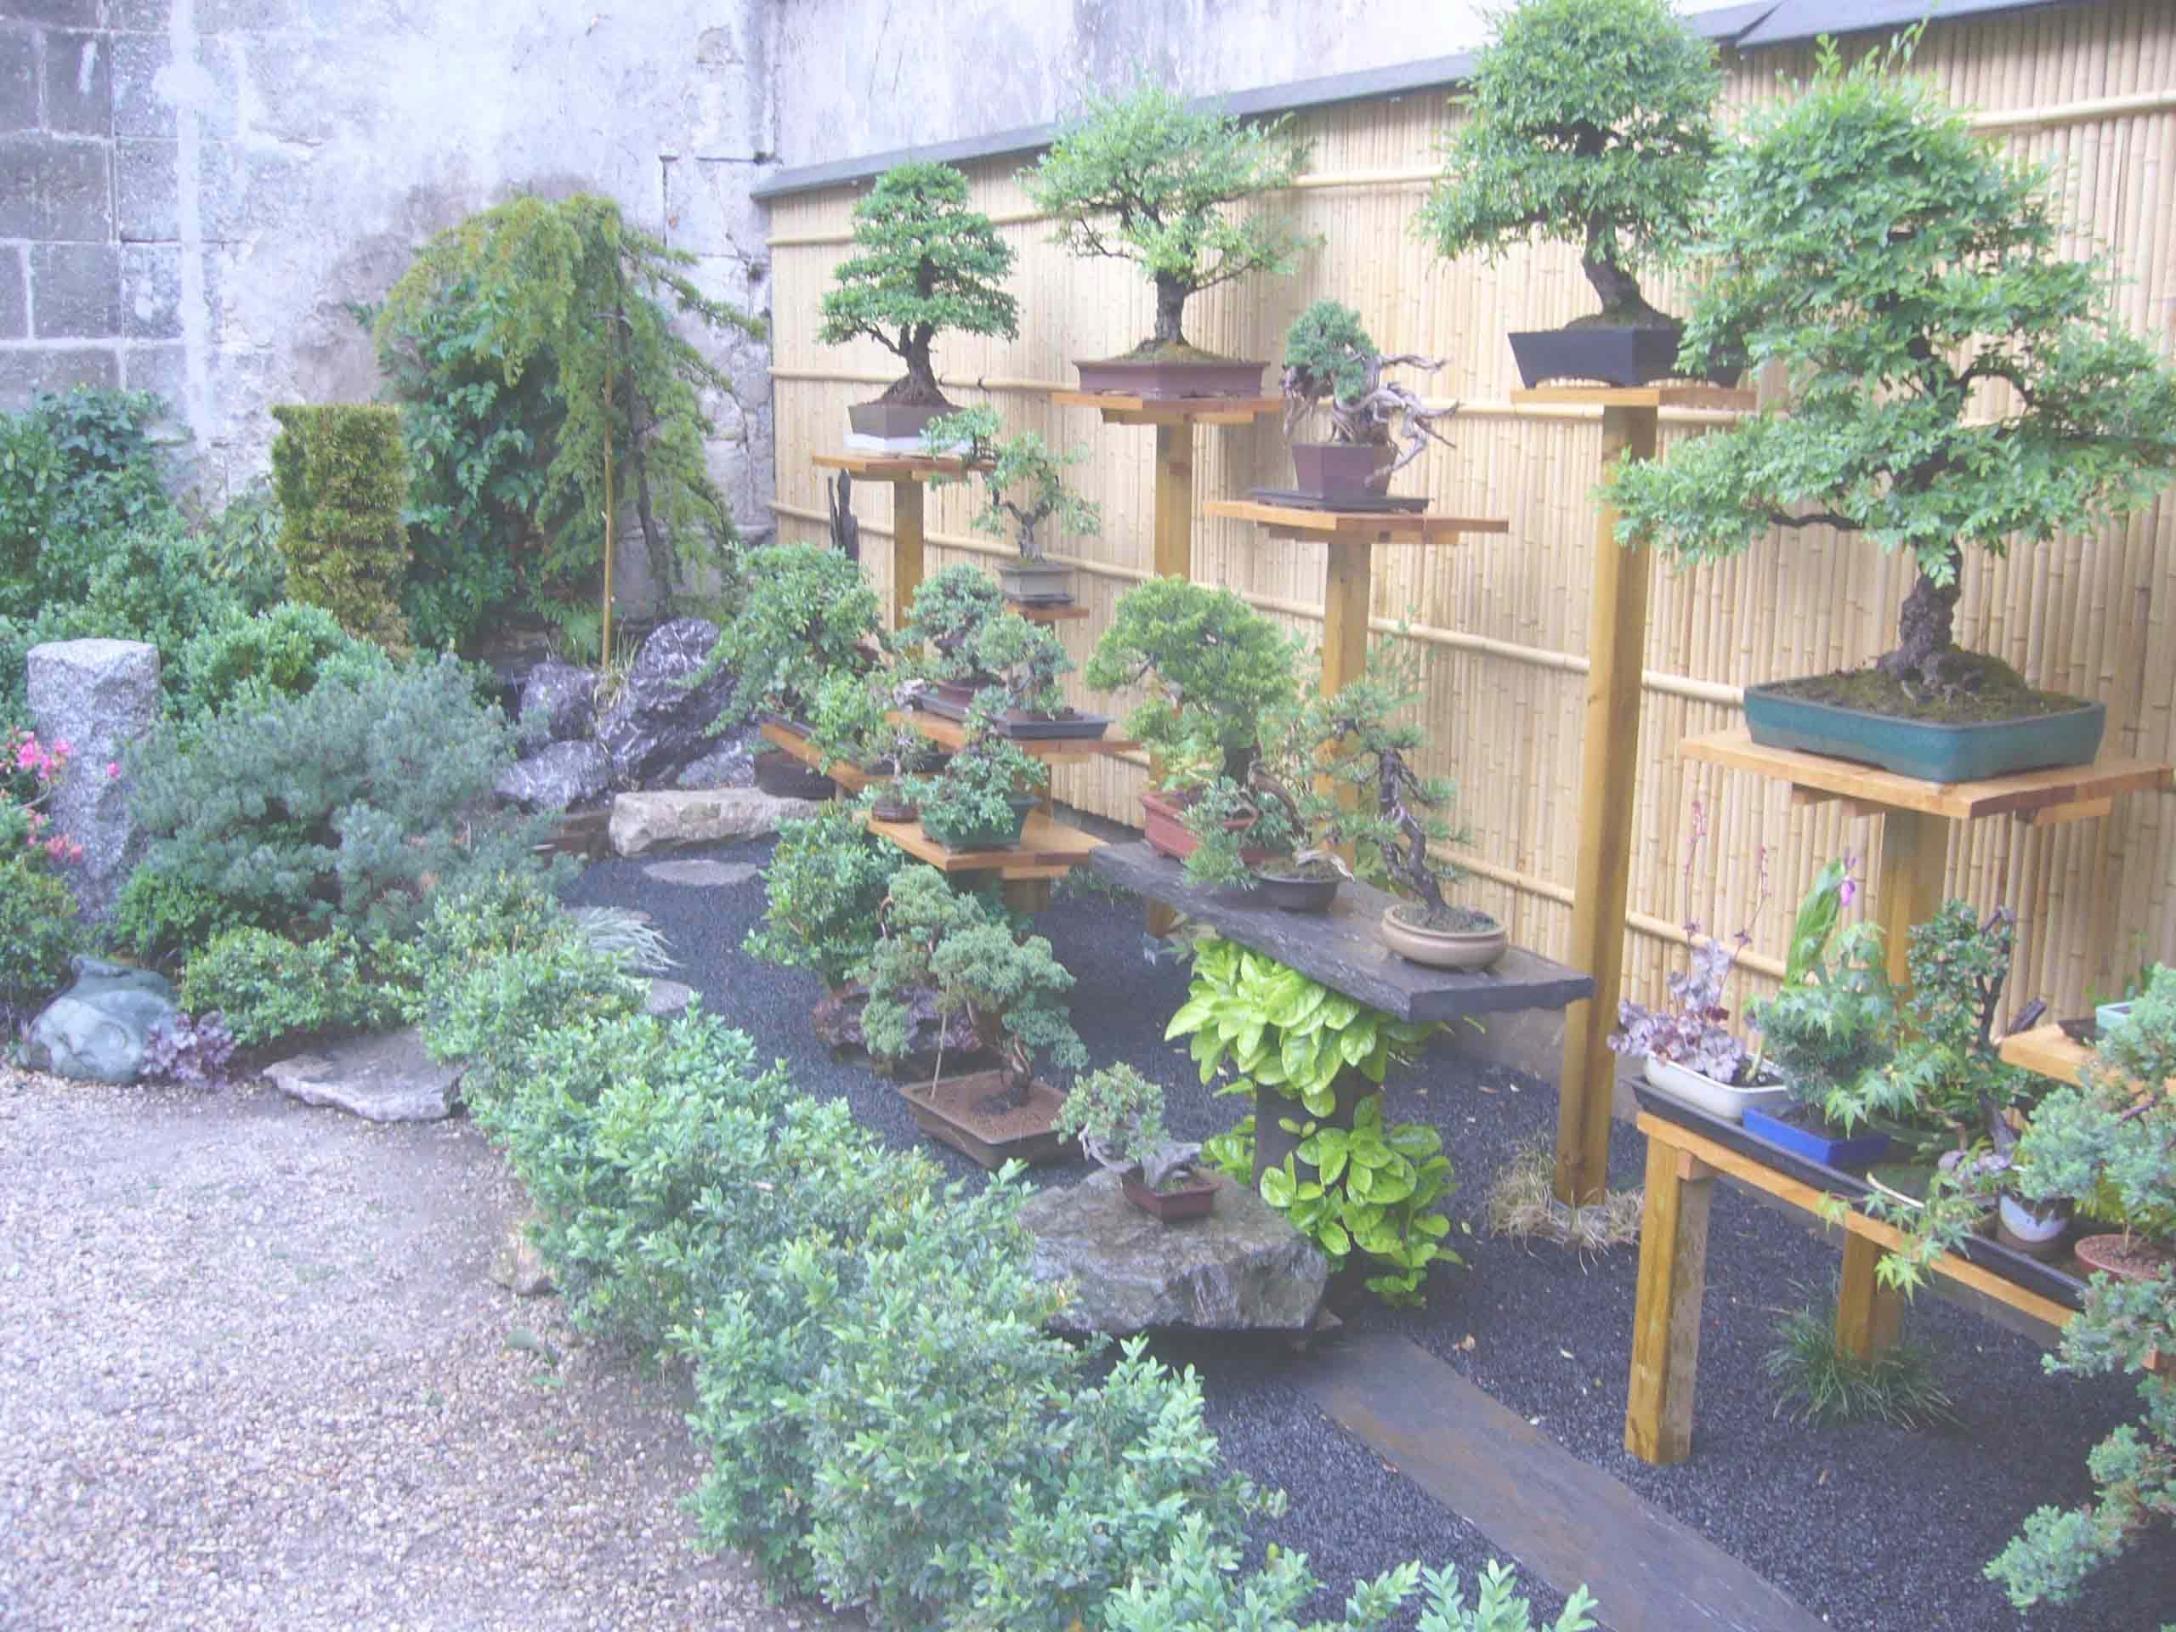 Plantes Pour Jardin Japonais Miniature - Alkotla. pour Plantes Pour Jardin Japonais